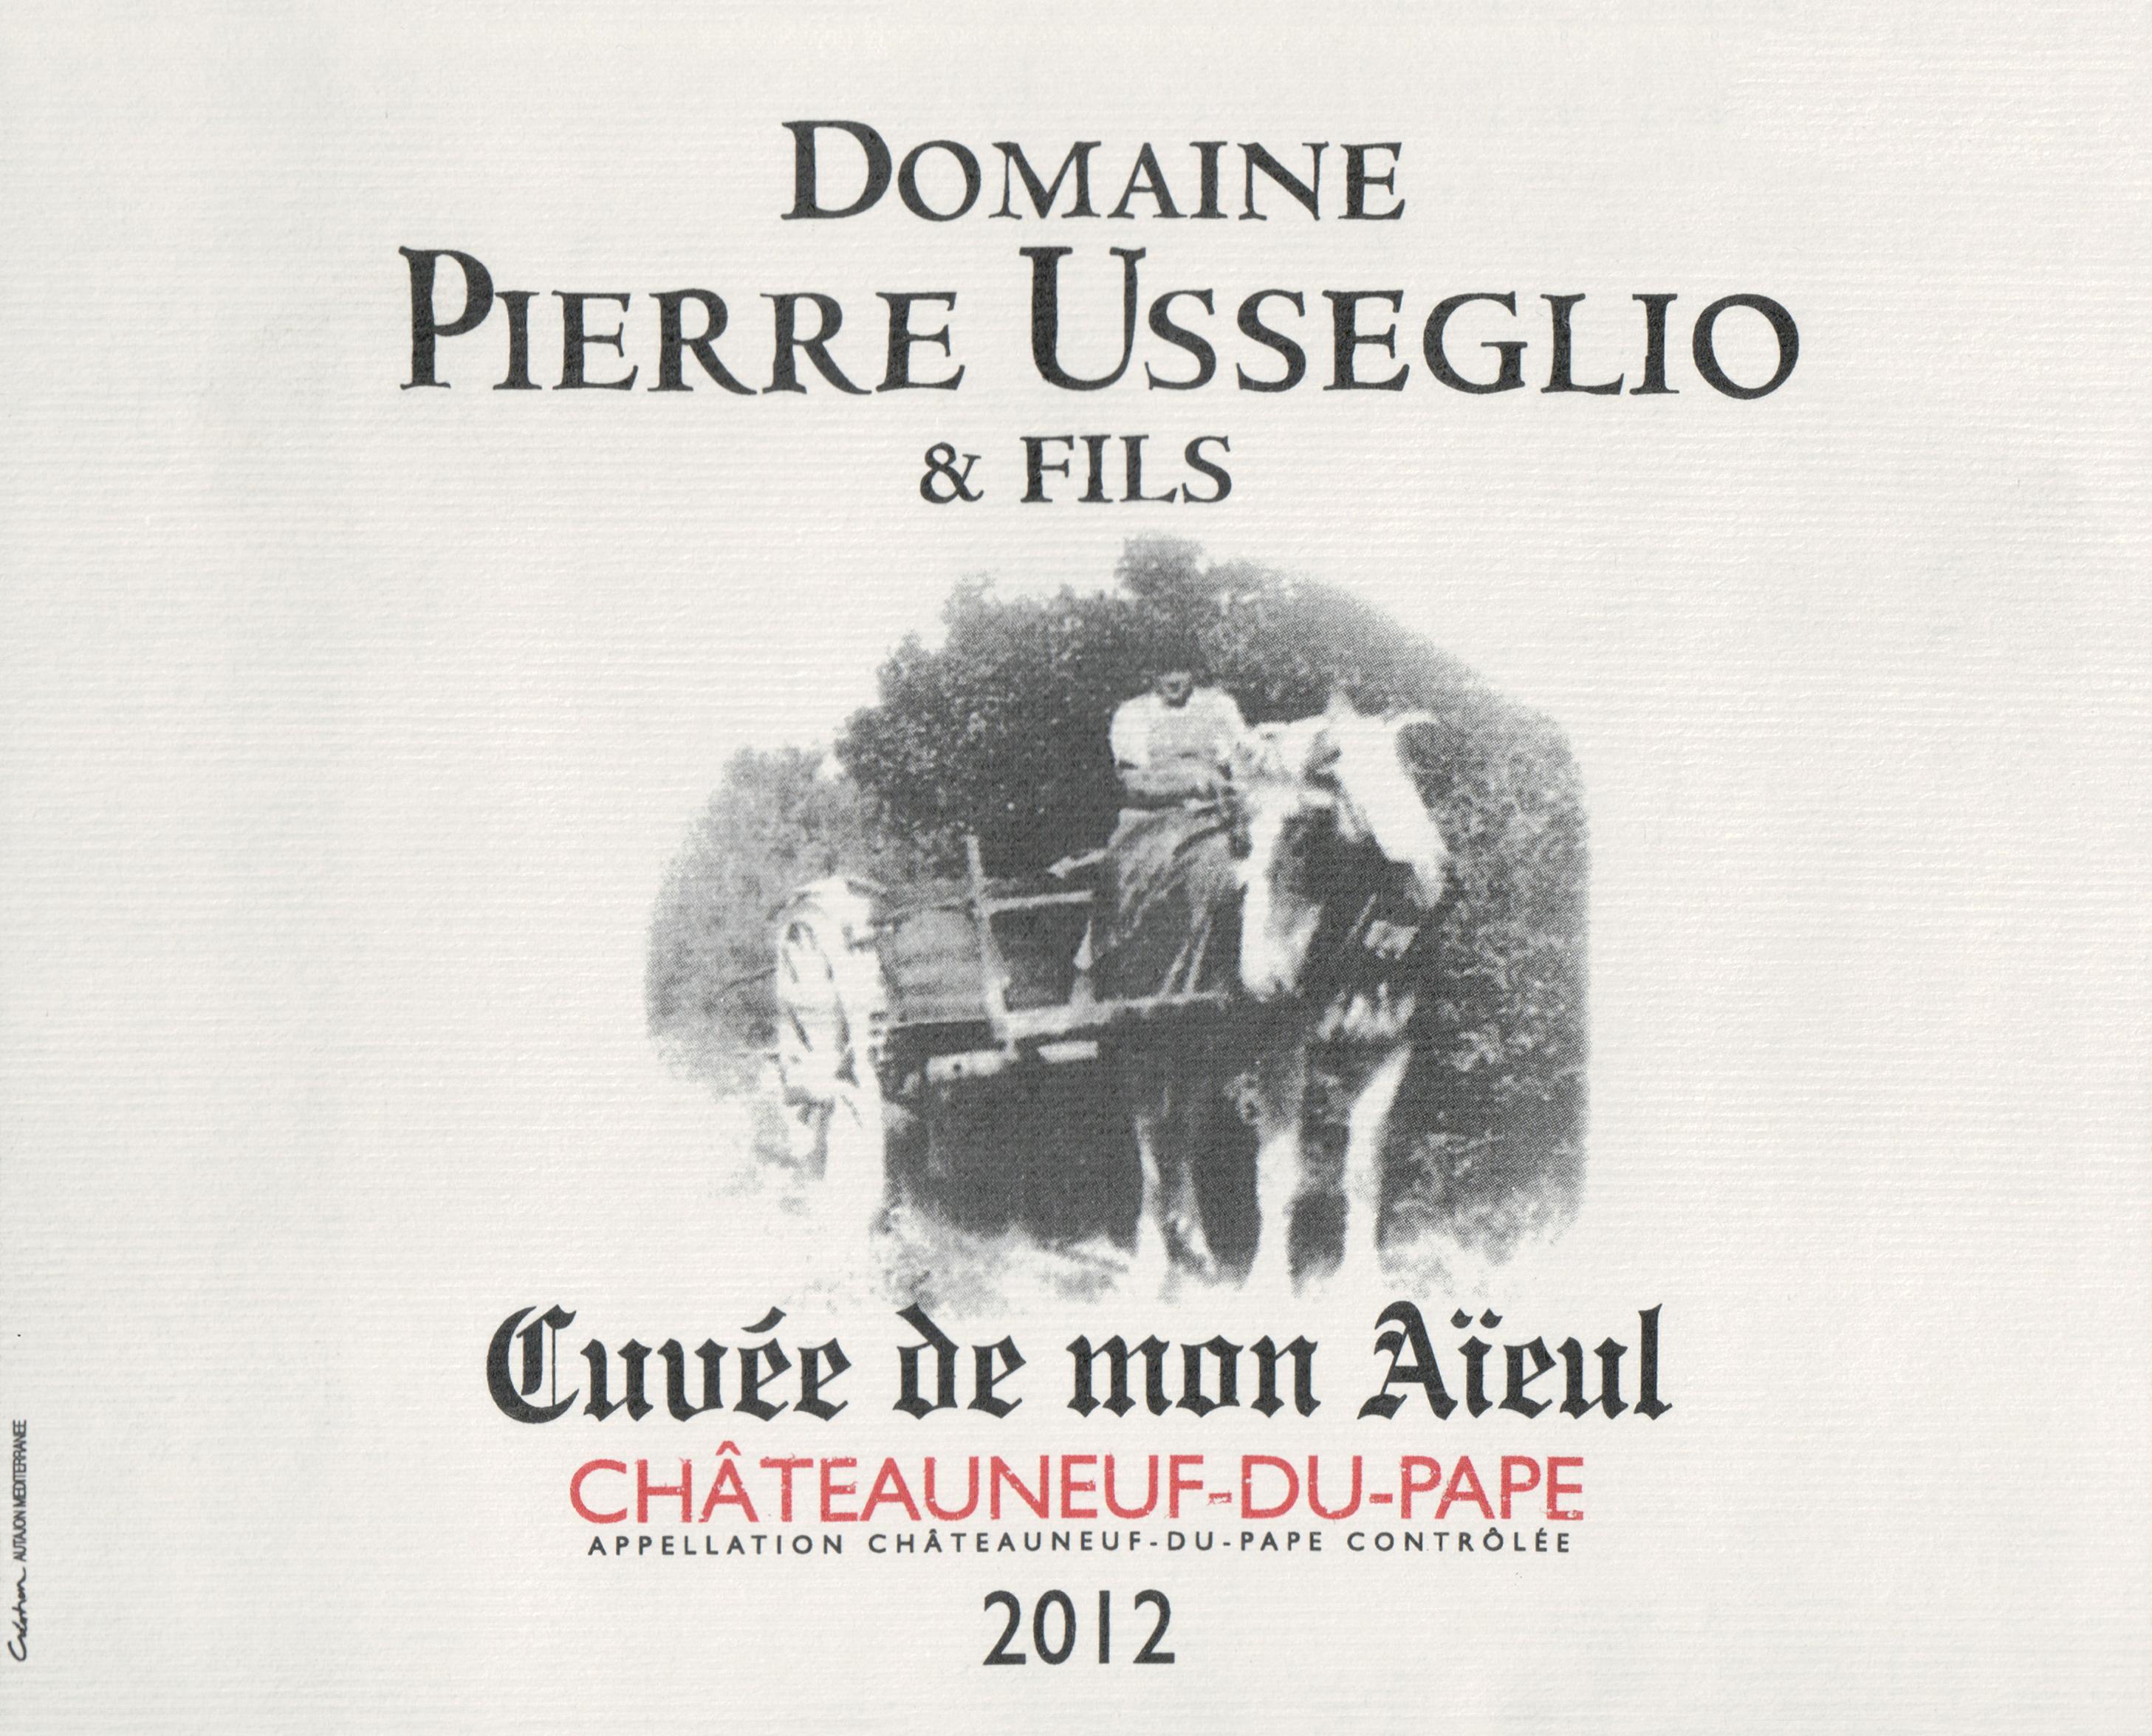 Pierre Usseglio Mon Aieul Chateauneuf Du Pape 2012